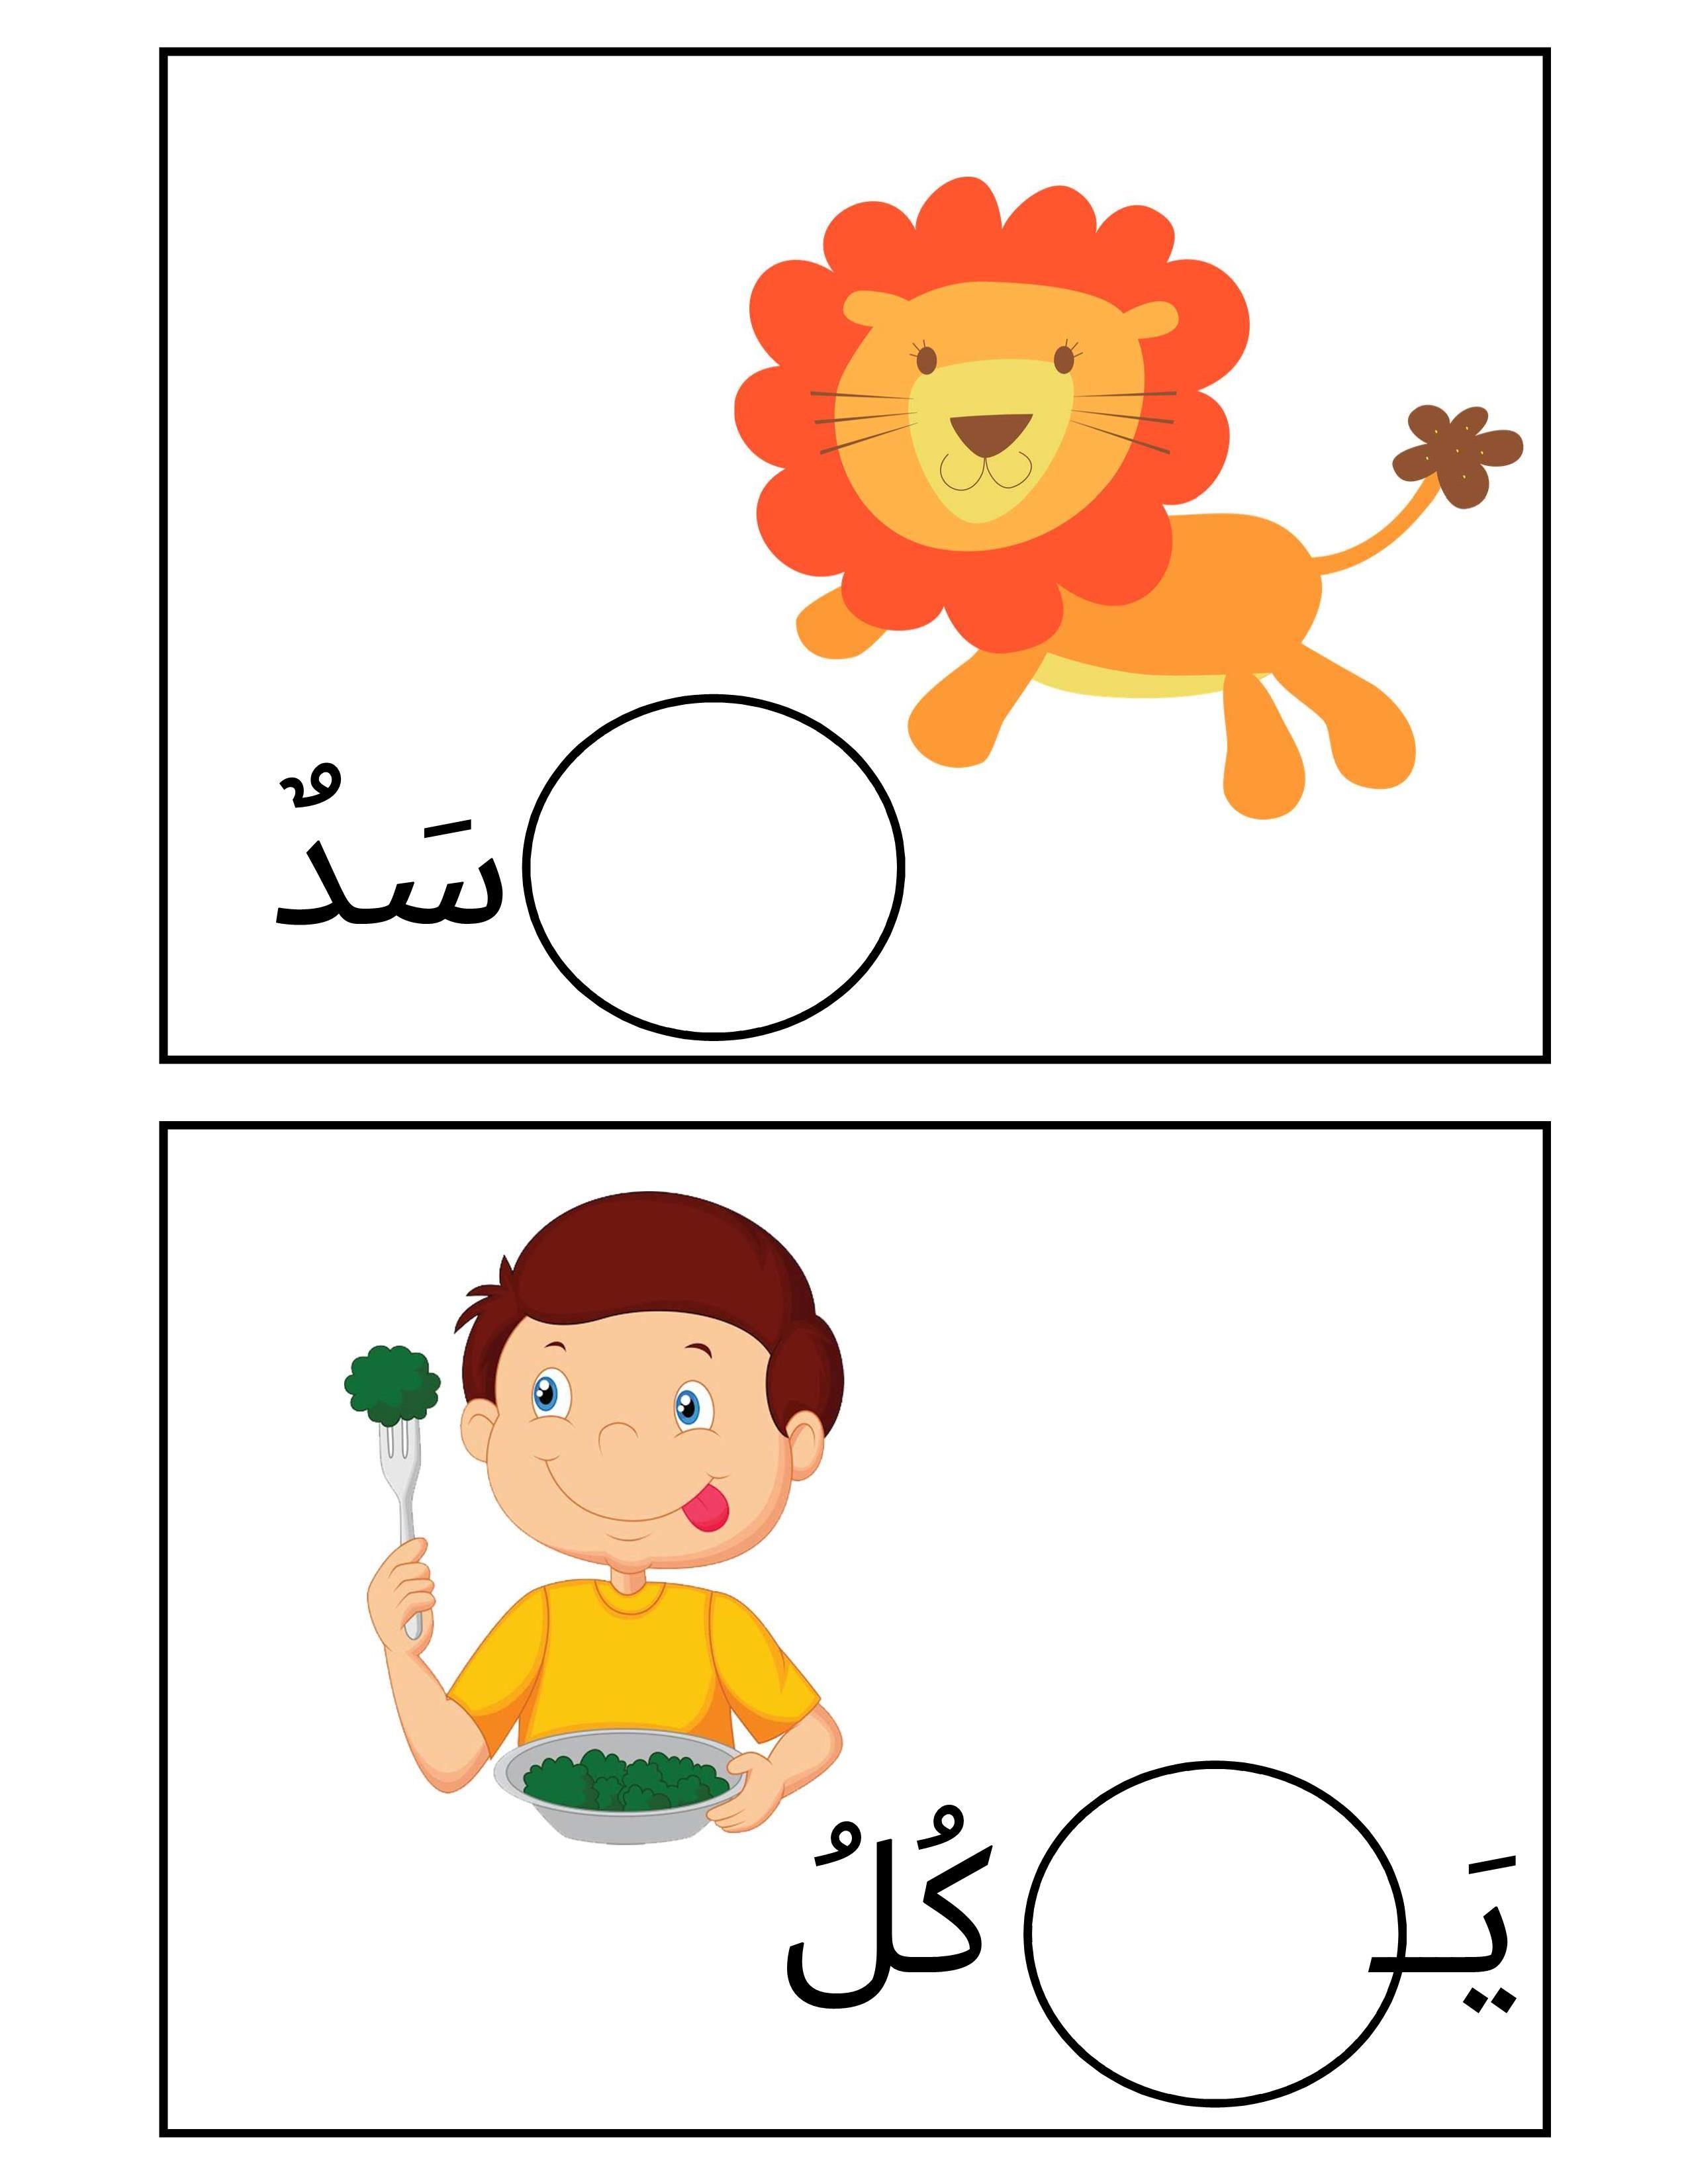 اوراق عمل اكمل الحرف الناقص لتعليم الحروف الهجائية المعلمة أسماء Arabic Alphabet For Kids Learning Arabic Arabic Kids